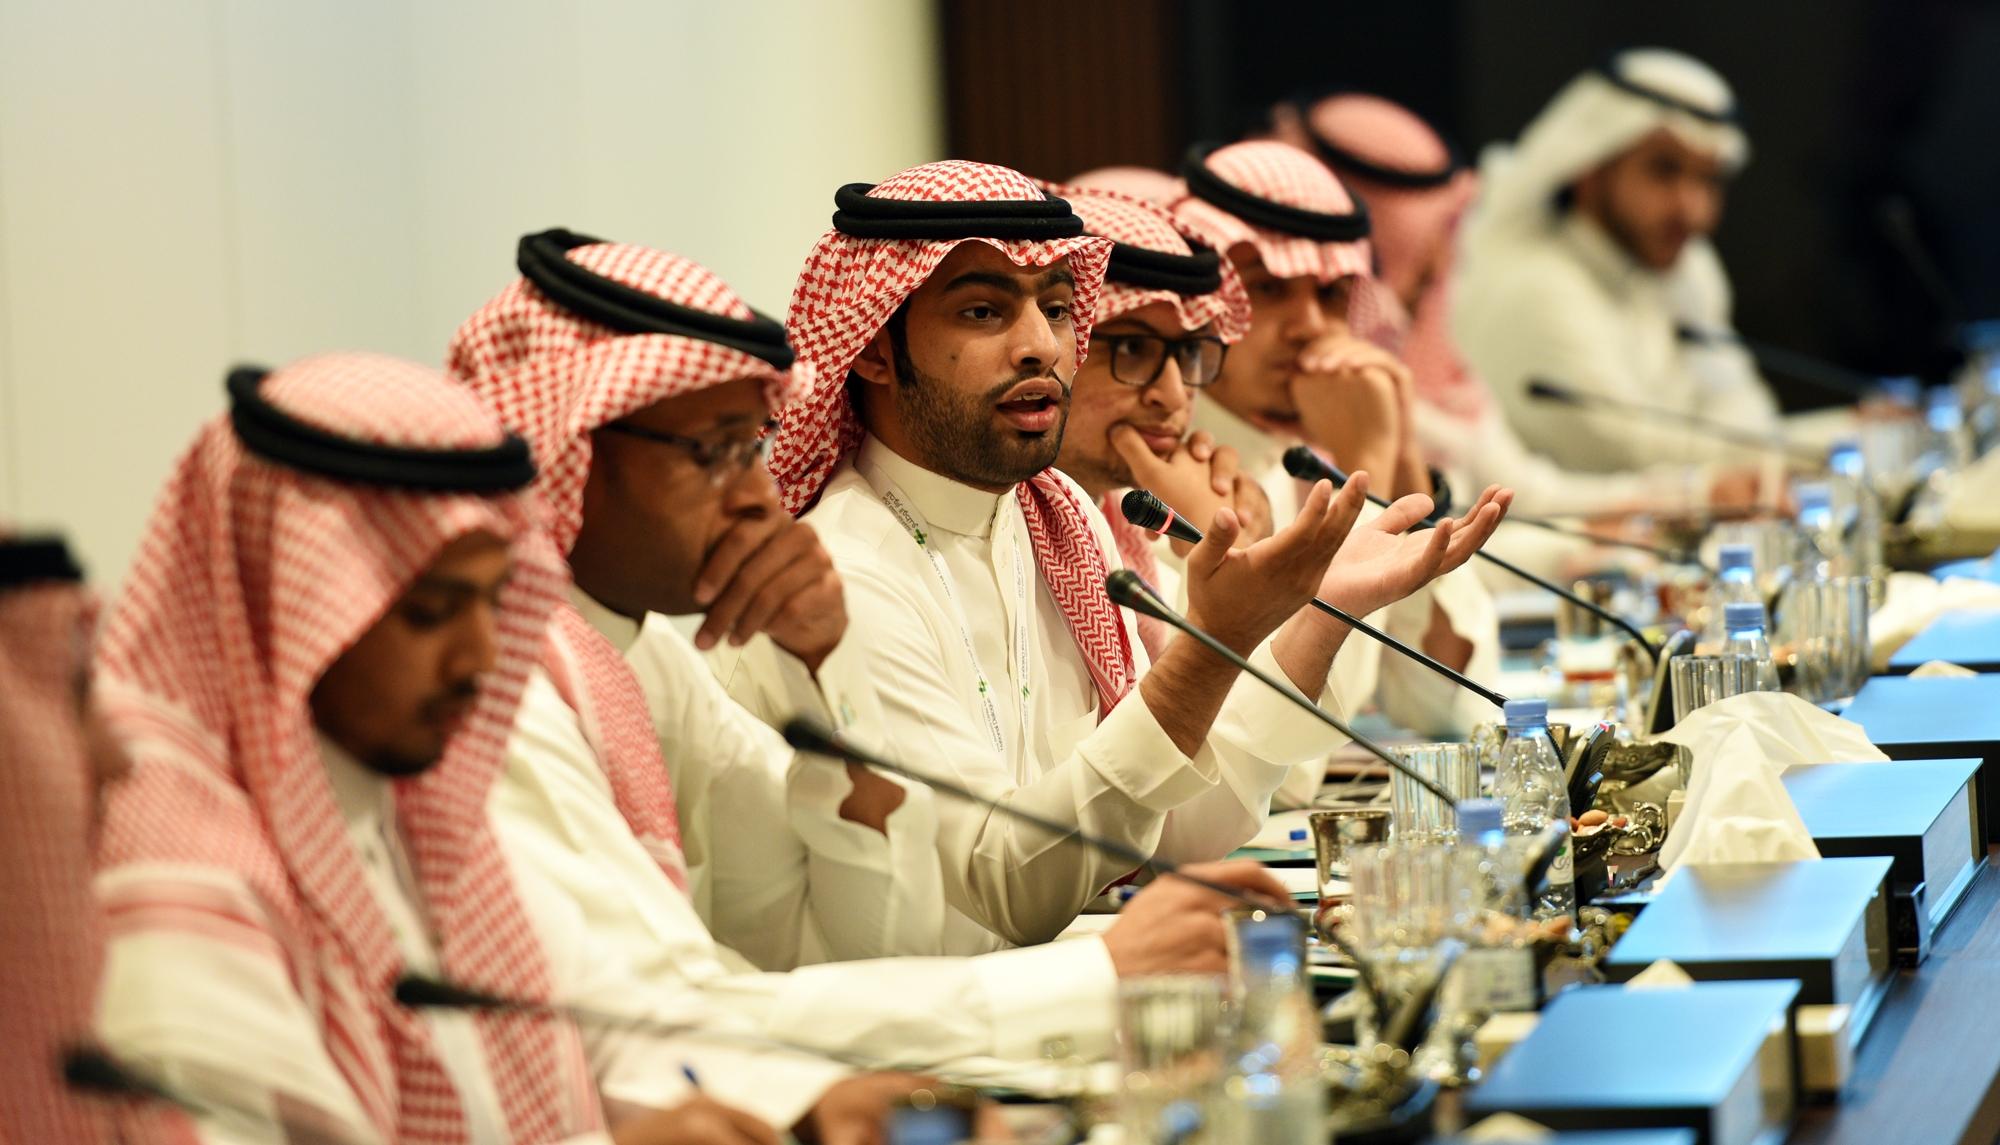 روابط التبادل الثقافي والحضاري بين الشباب السعودي واليمني (3)